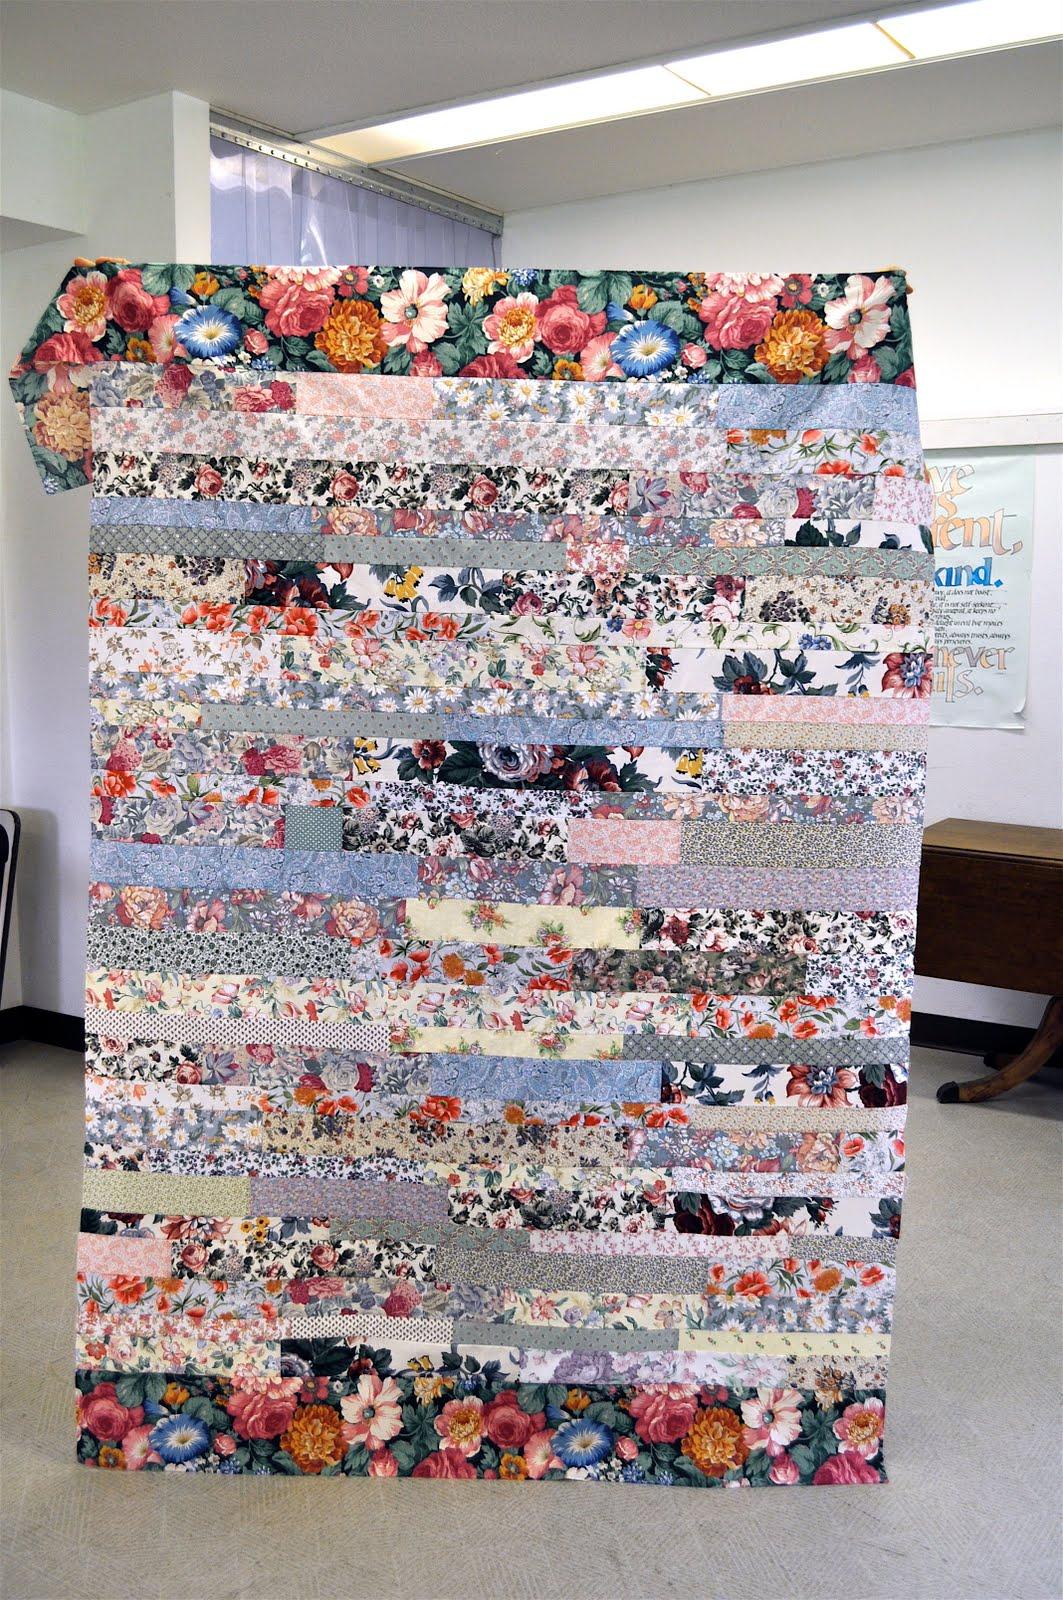 http://3.bp.blogspot.com/_2ssunQr1FDY/S-Bx9x6J8zI/AAAAAAAAFF0/pvCDml_6oyU/s1600/Wallpaper+Quilts+2+Borders+5.jpg